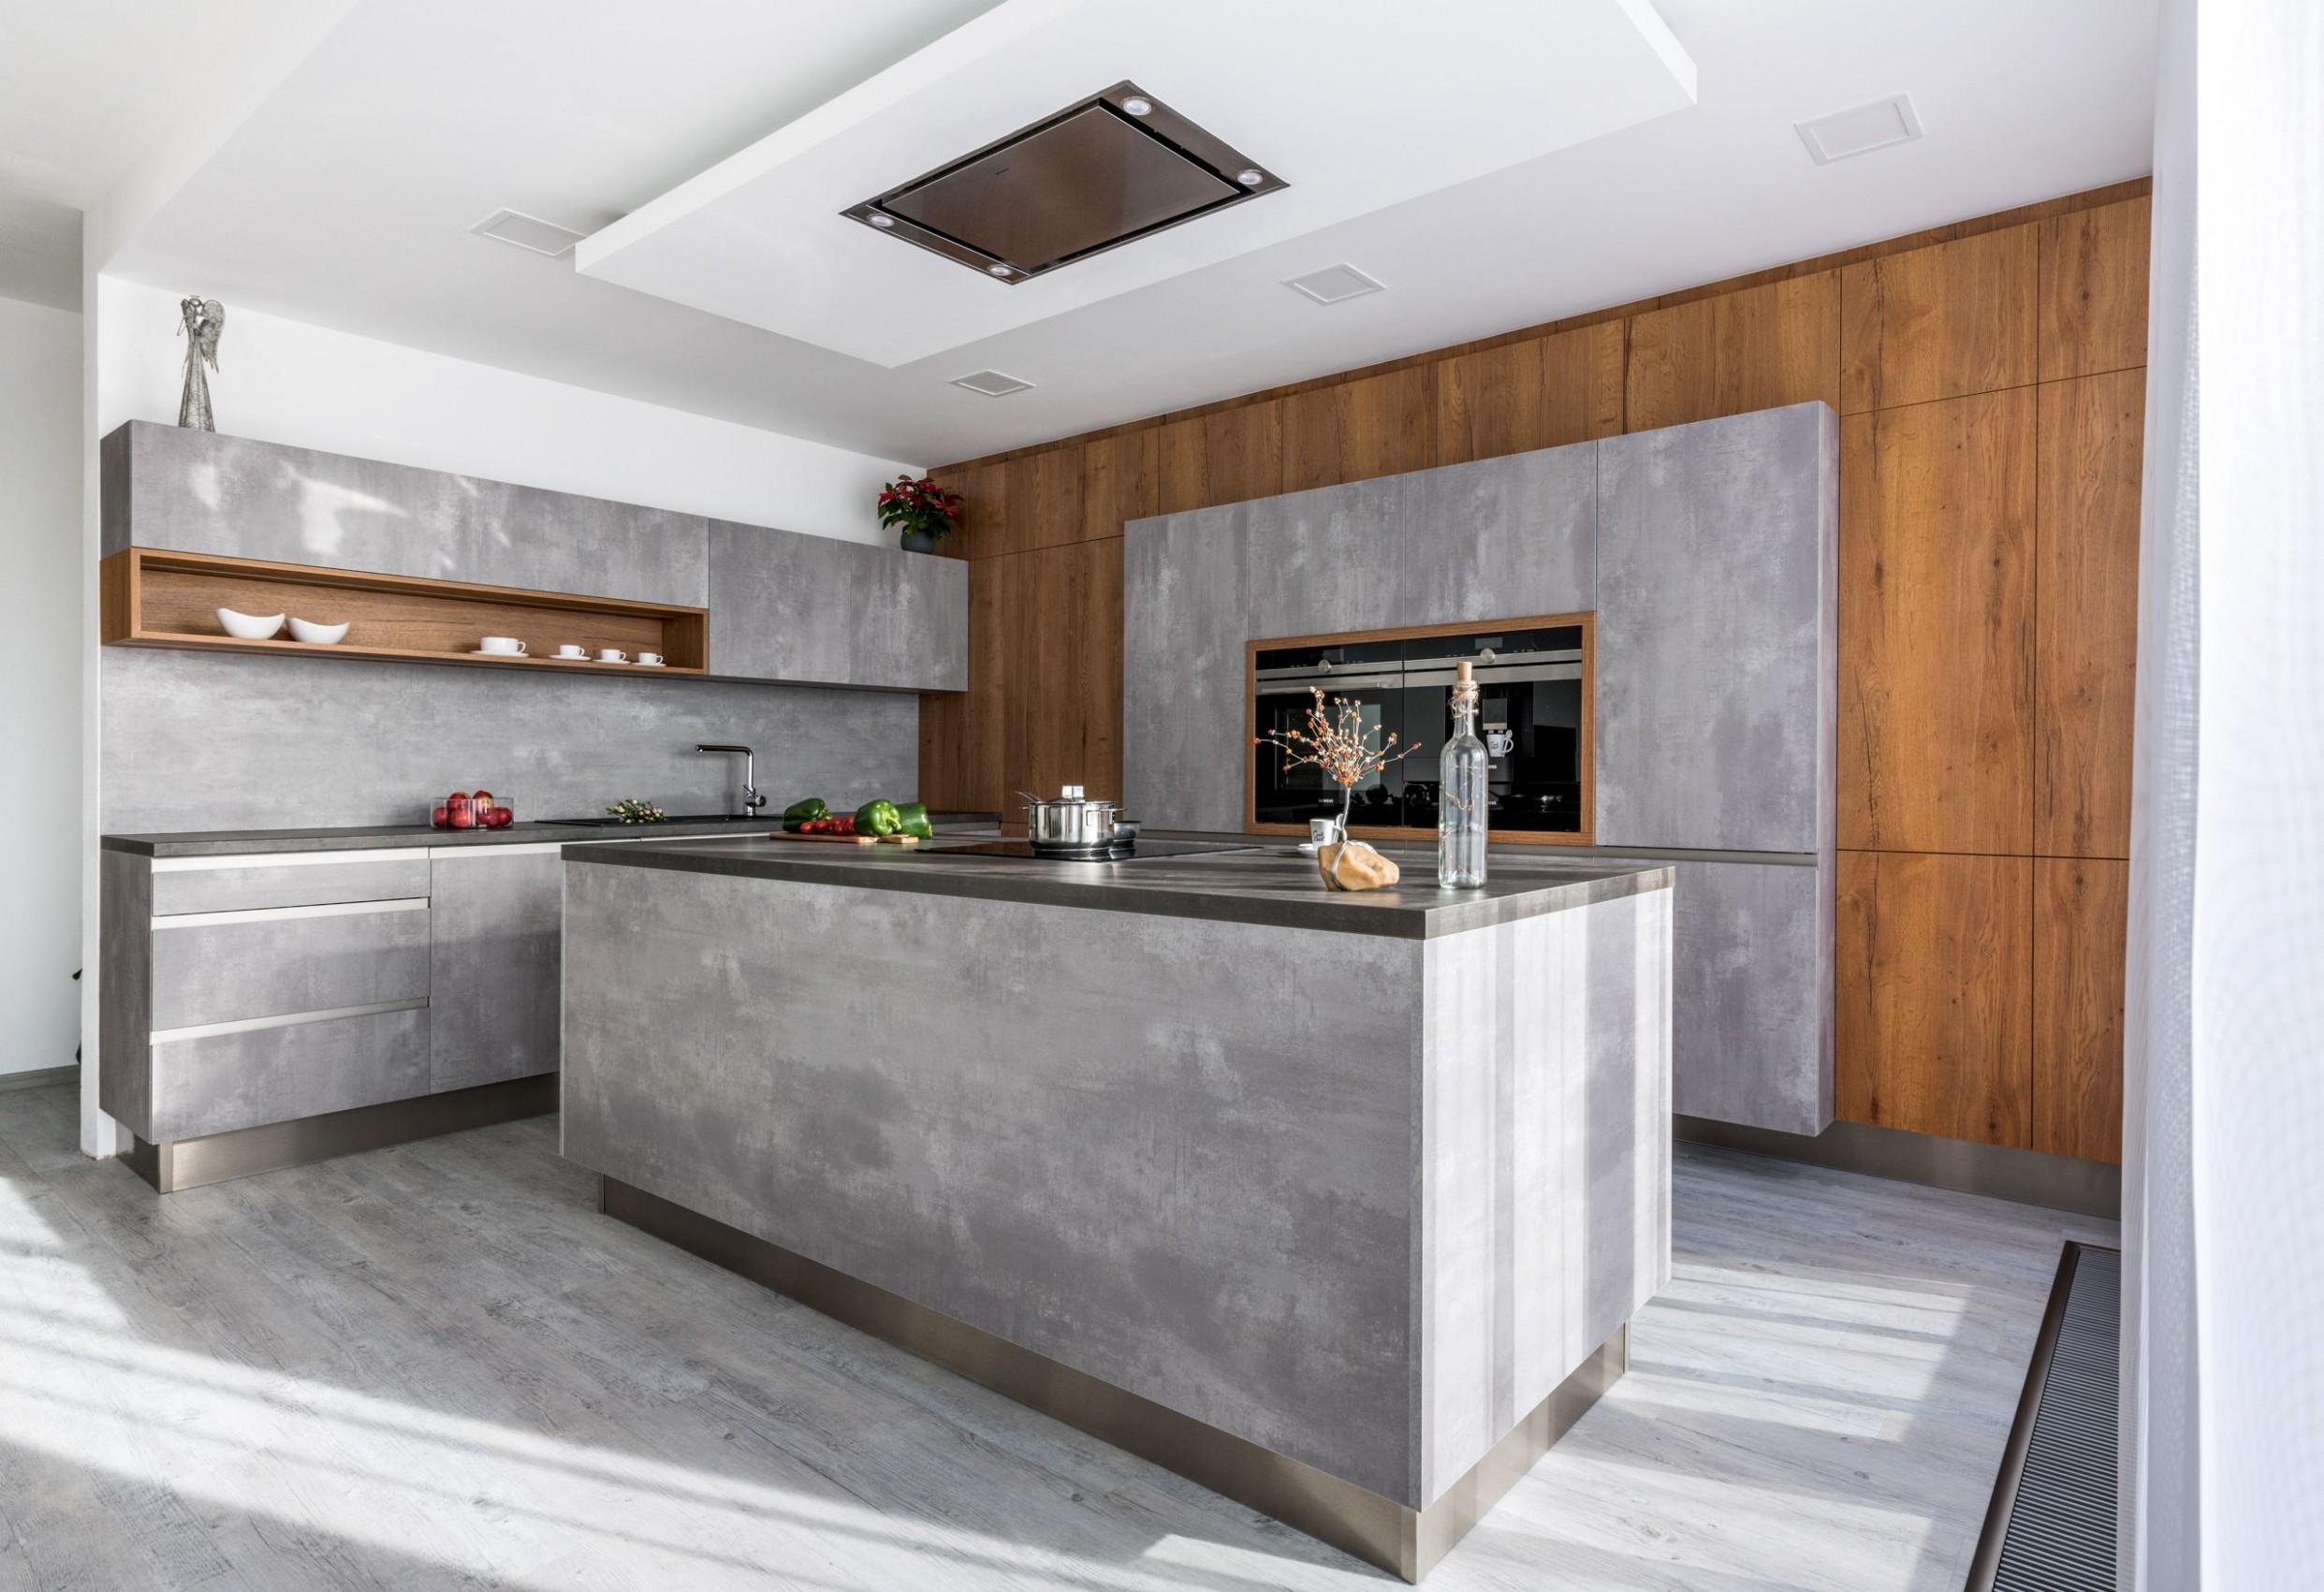 Užití betonu v interiéru se stalo designovou záležitostí ...